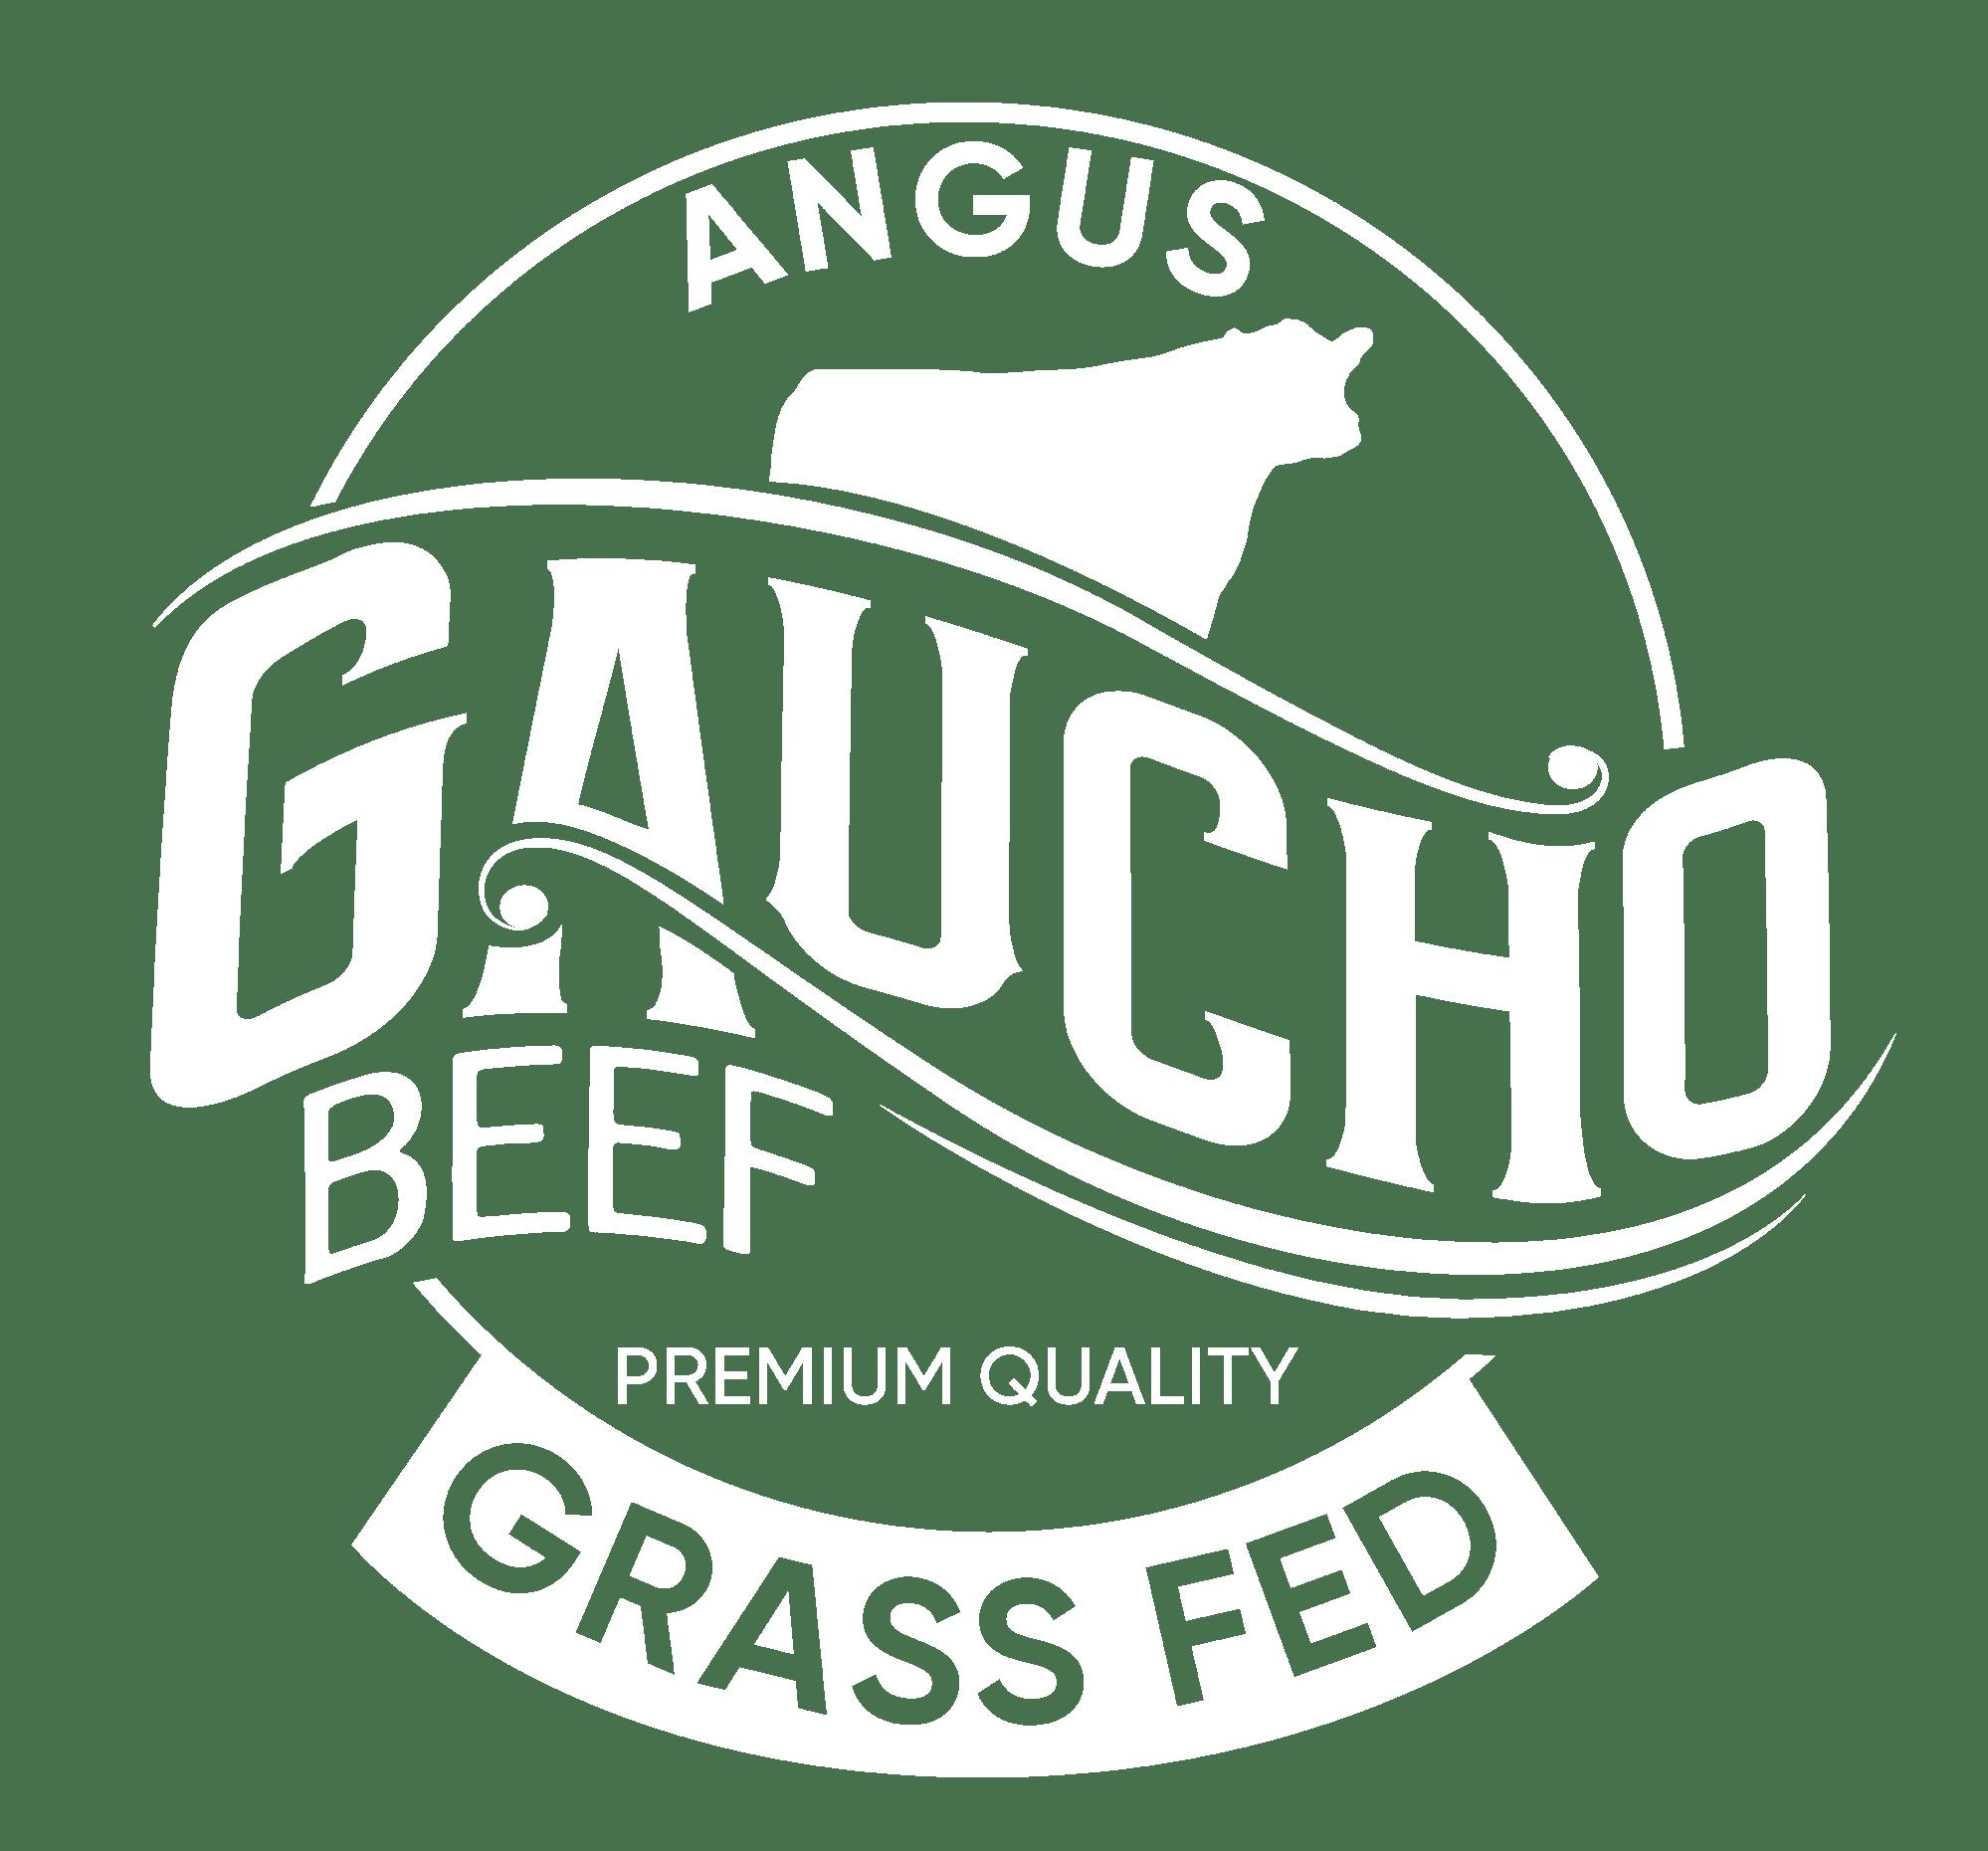 Gaucho Beef Digital Marketing